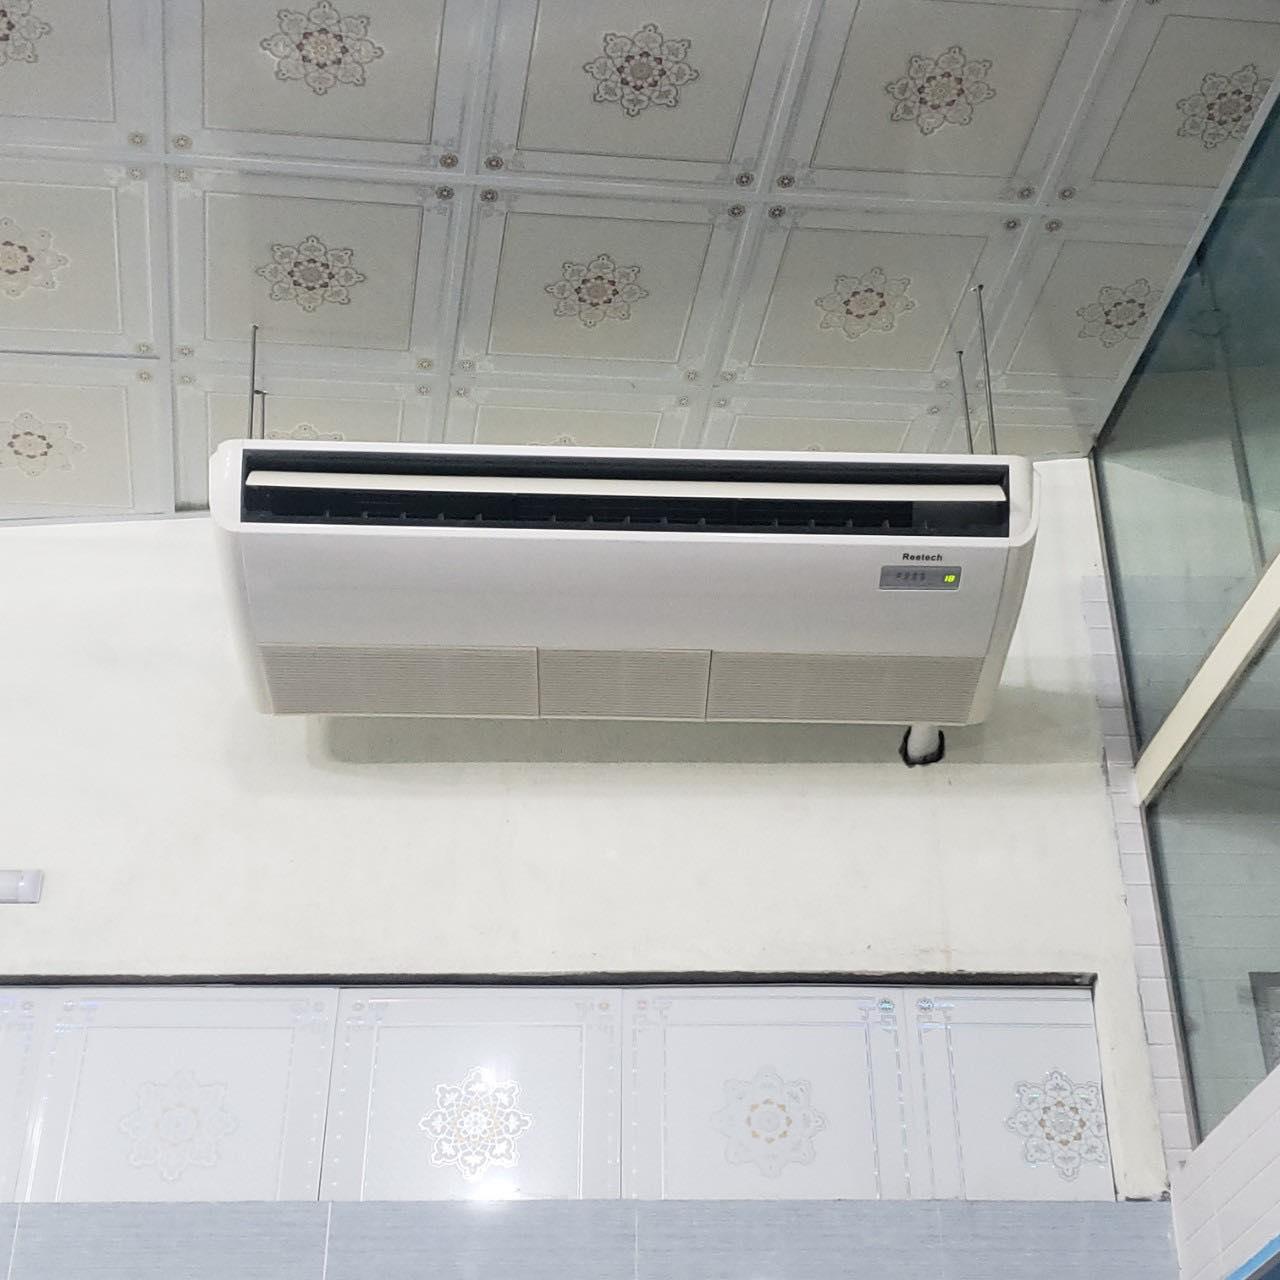 Lắp đặt máy lạnh áp trần Reetech nhà xưởng Đồng Nai